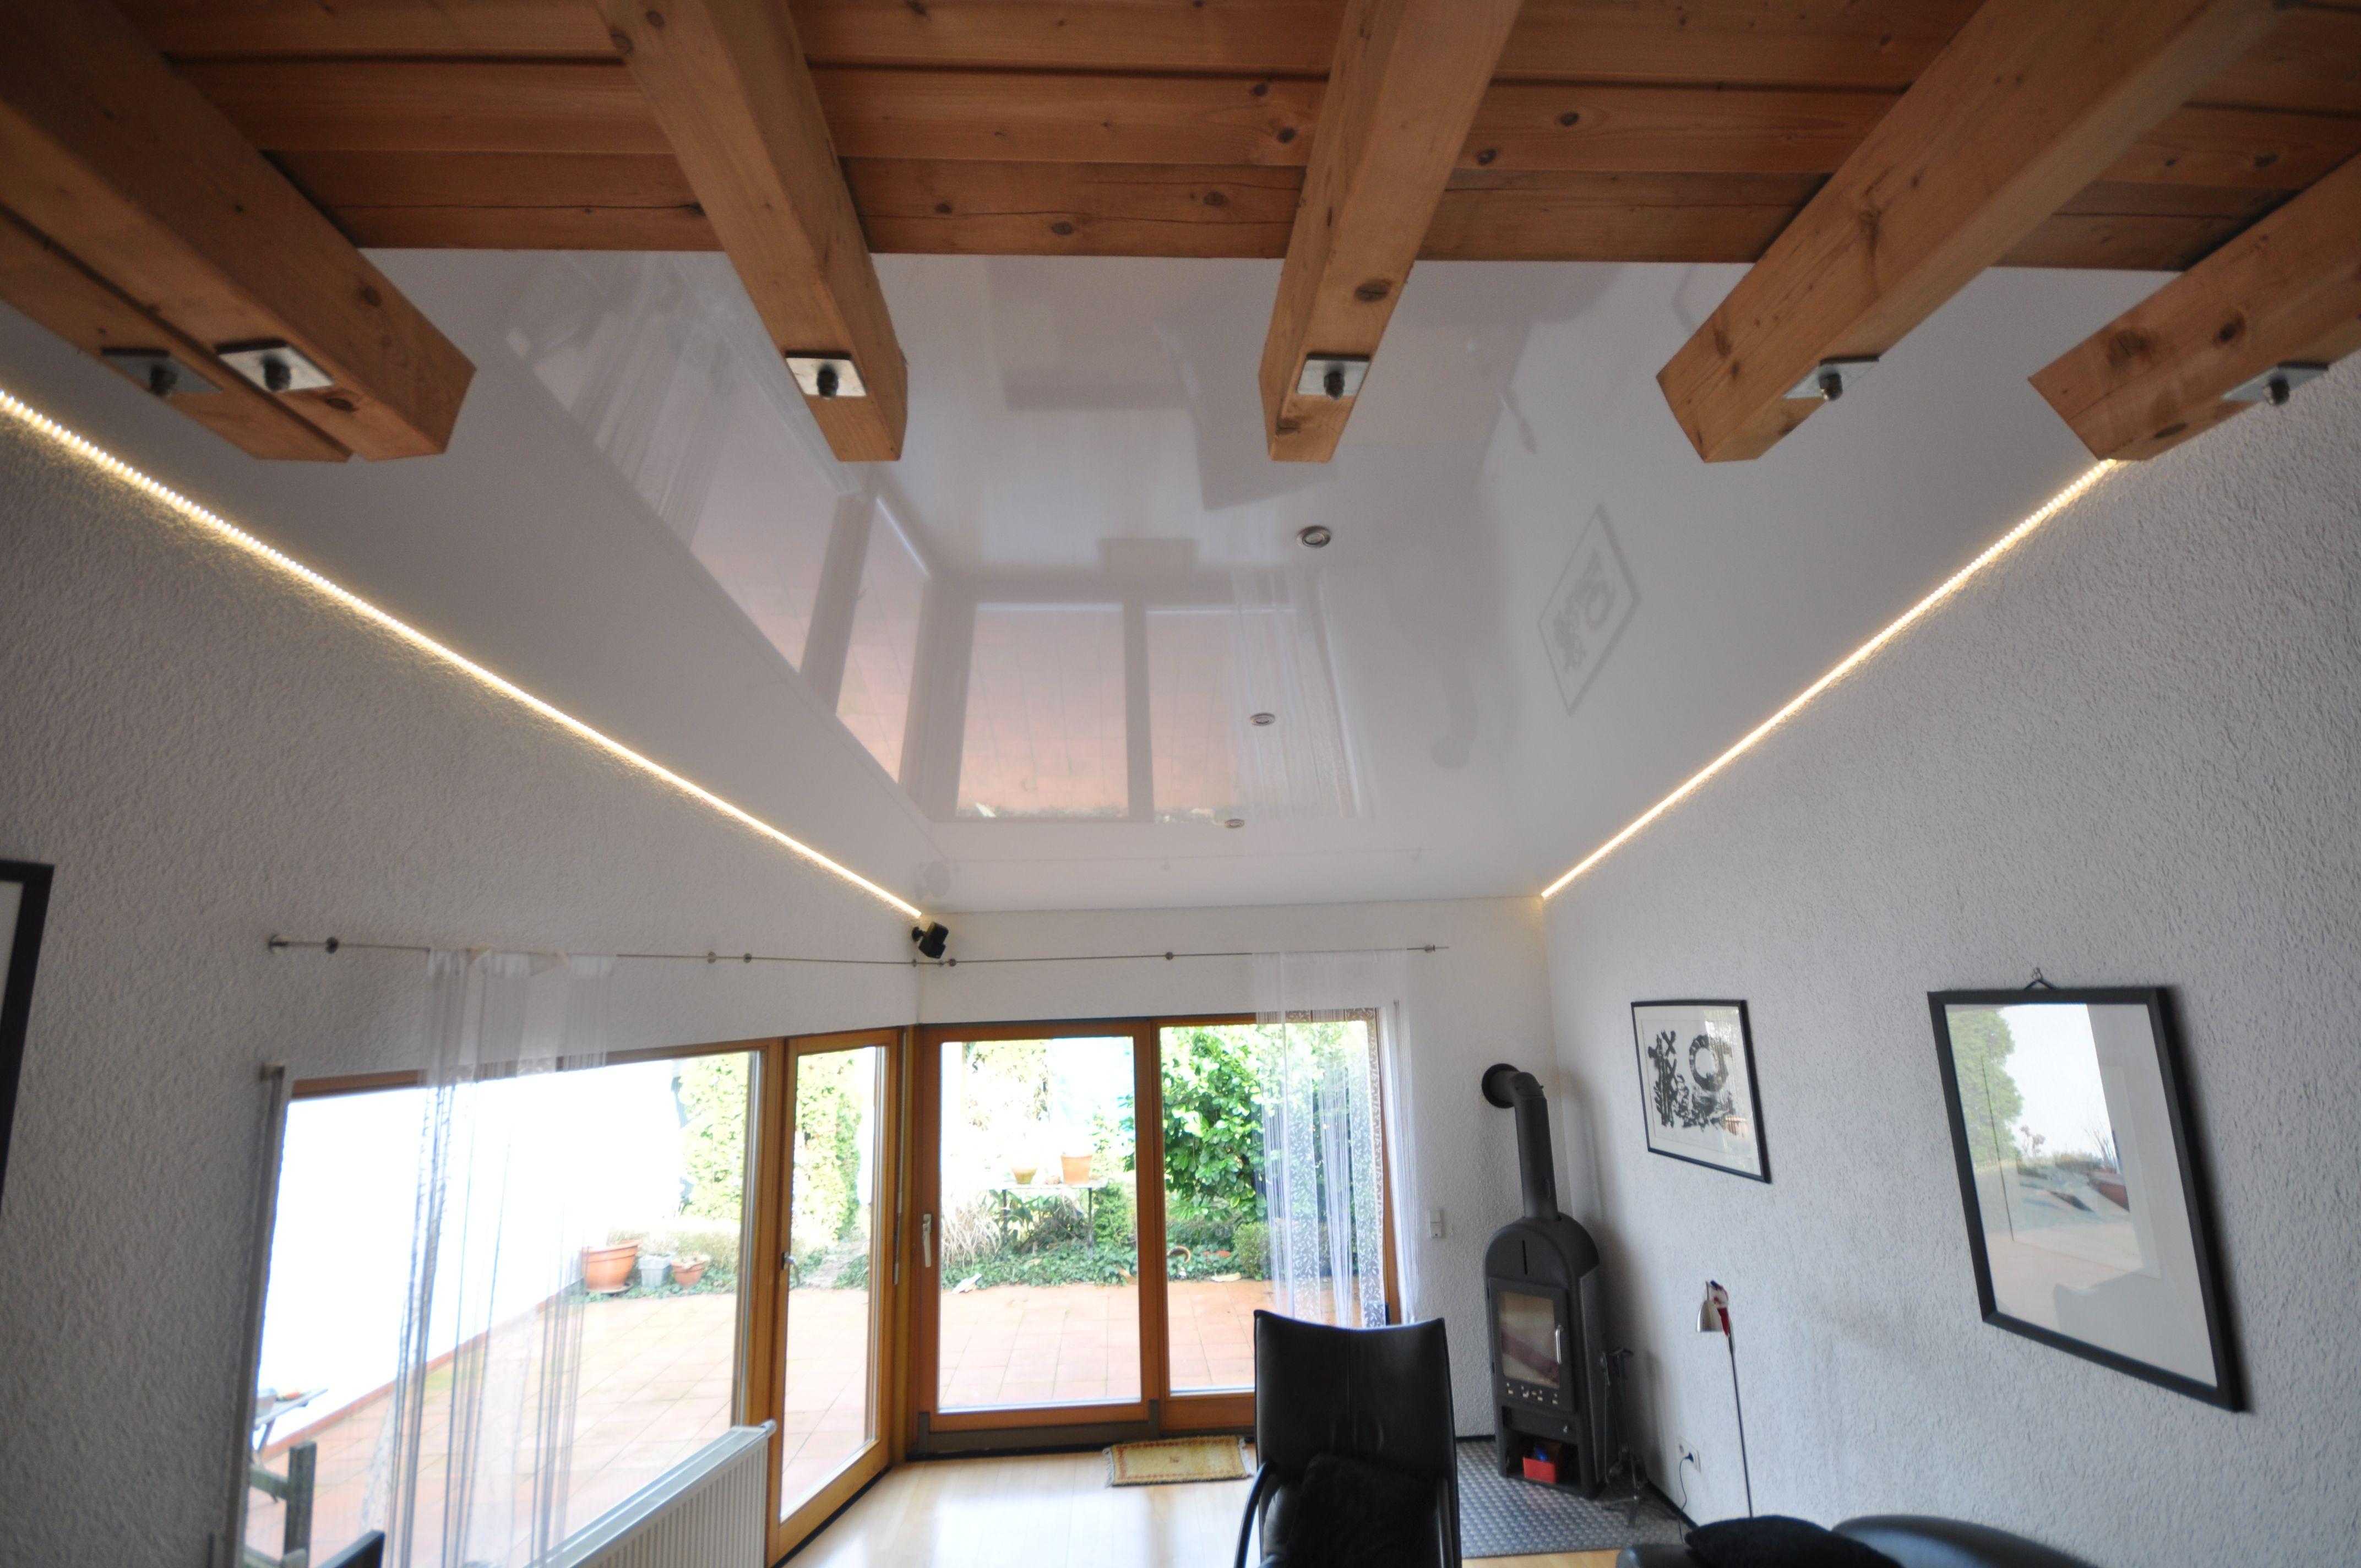 Spanndecke Weiss Hochglanz Mit Led In Der Schattenfuge Wohnzimmer Einrichtung Decke Renovieren Wohnzimmer Ideen Wohnzimmer Gestalten Neue Raume